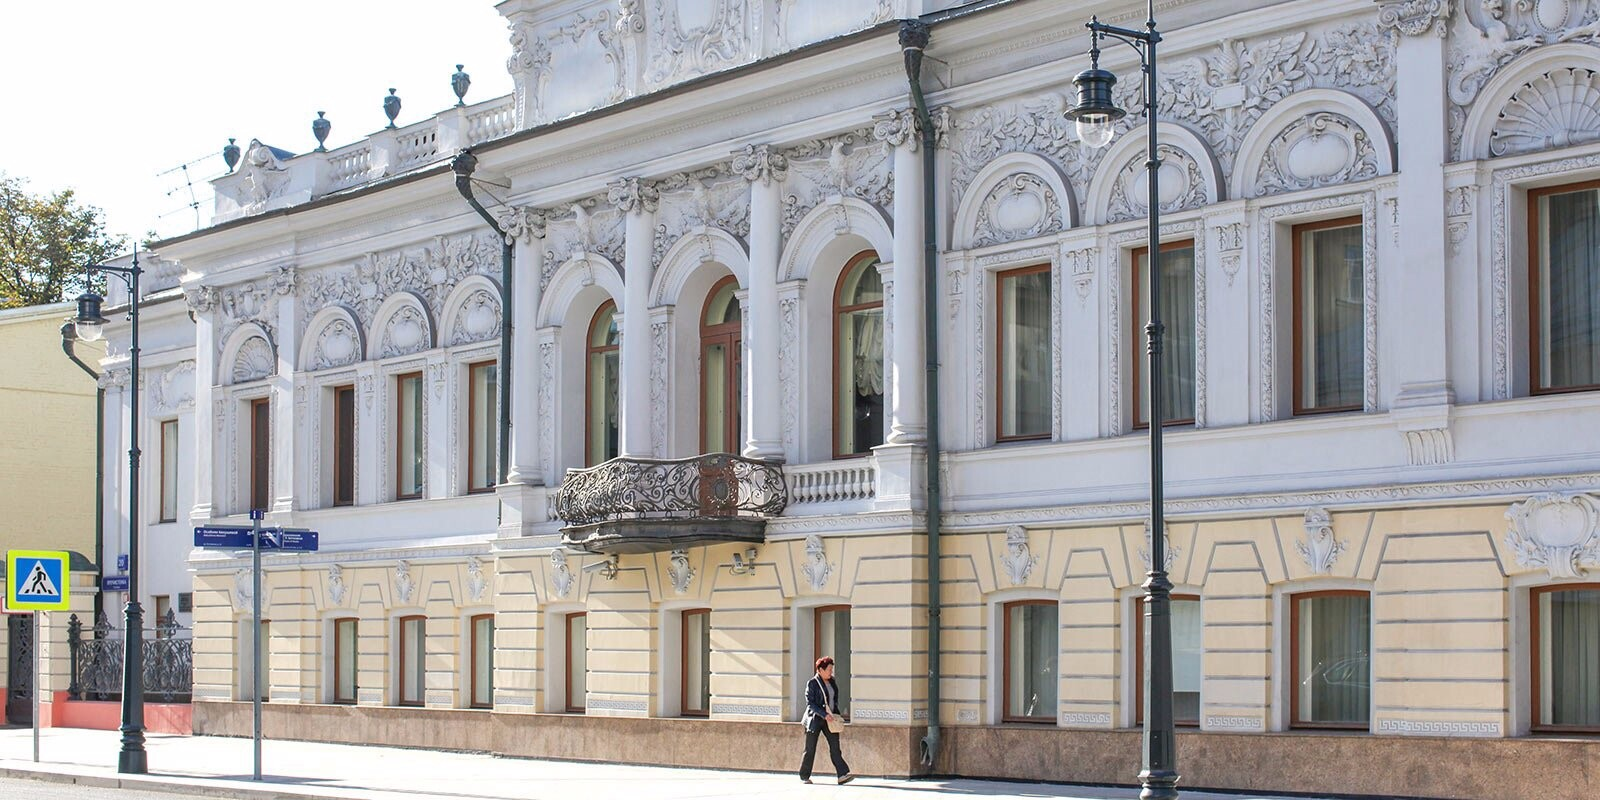 В интернете появились виртуальные экскурсии по старинным московским особнякам